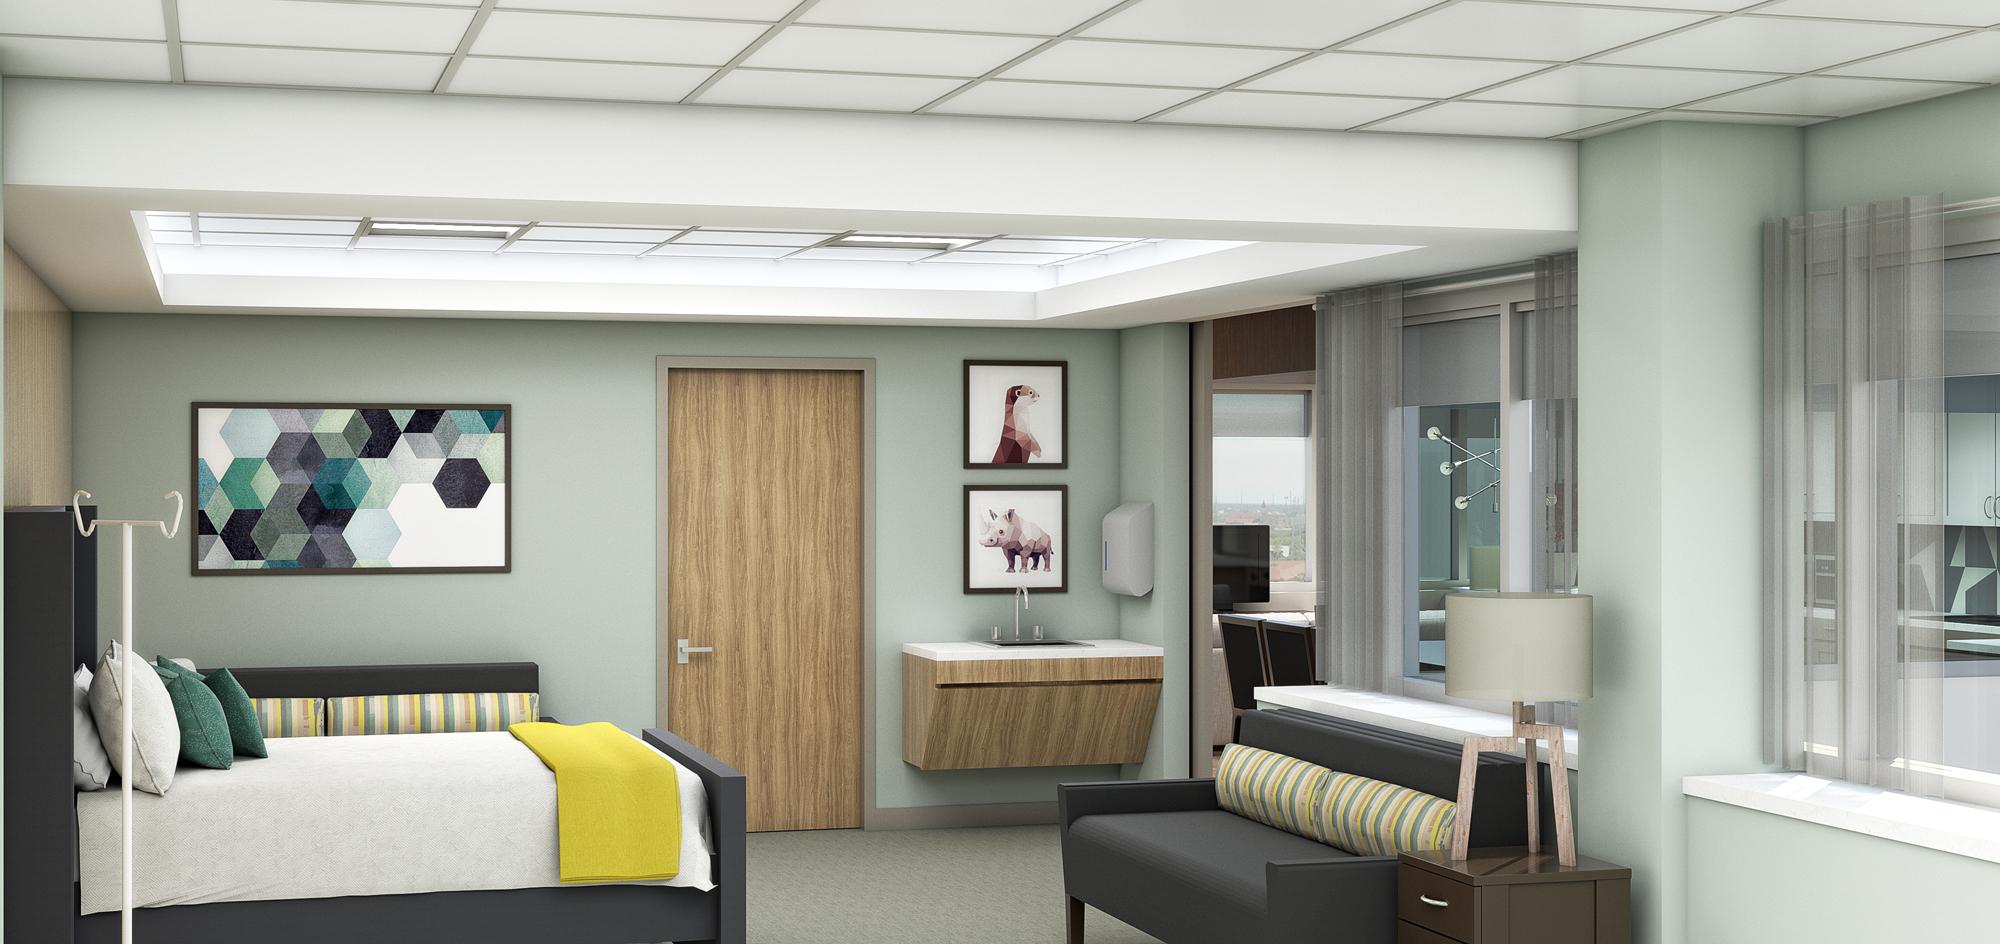 17_1005_Patient Room.jpg